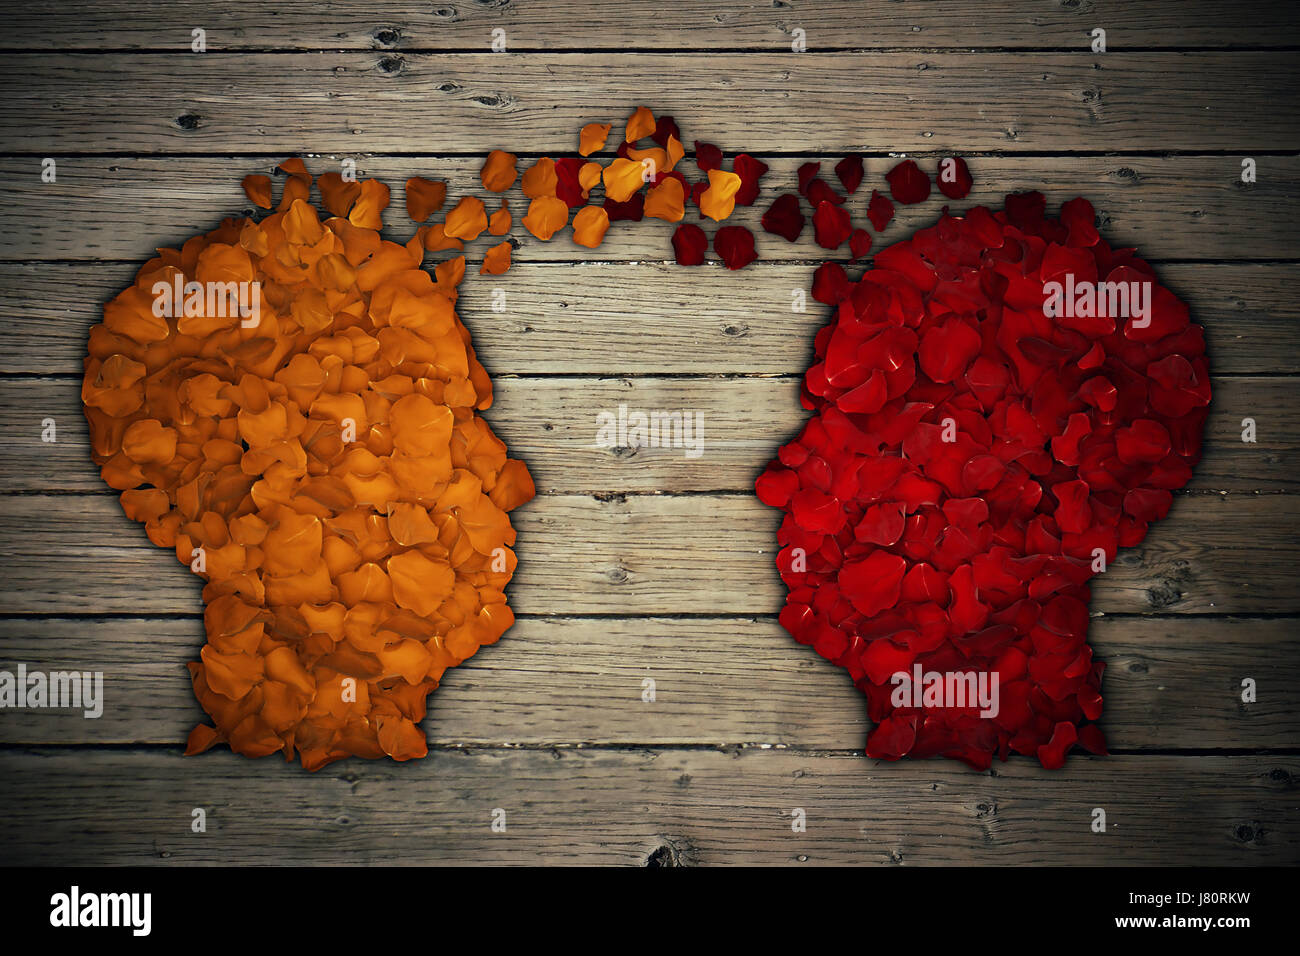 Pétalos de rosas rojas y amarillas dispuestas en forma de cabeza humana generar intercambio del pensamiento y la Foto de stock